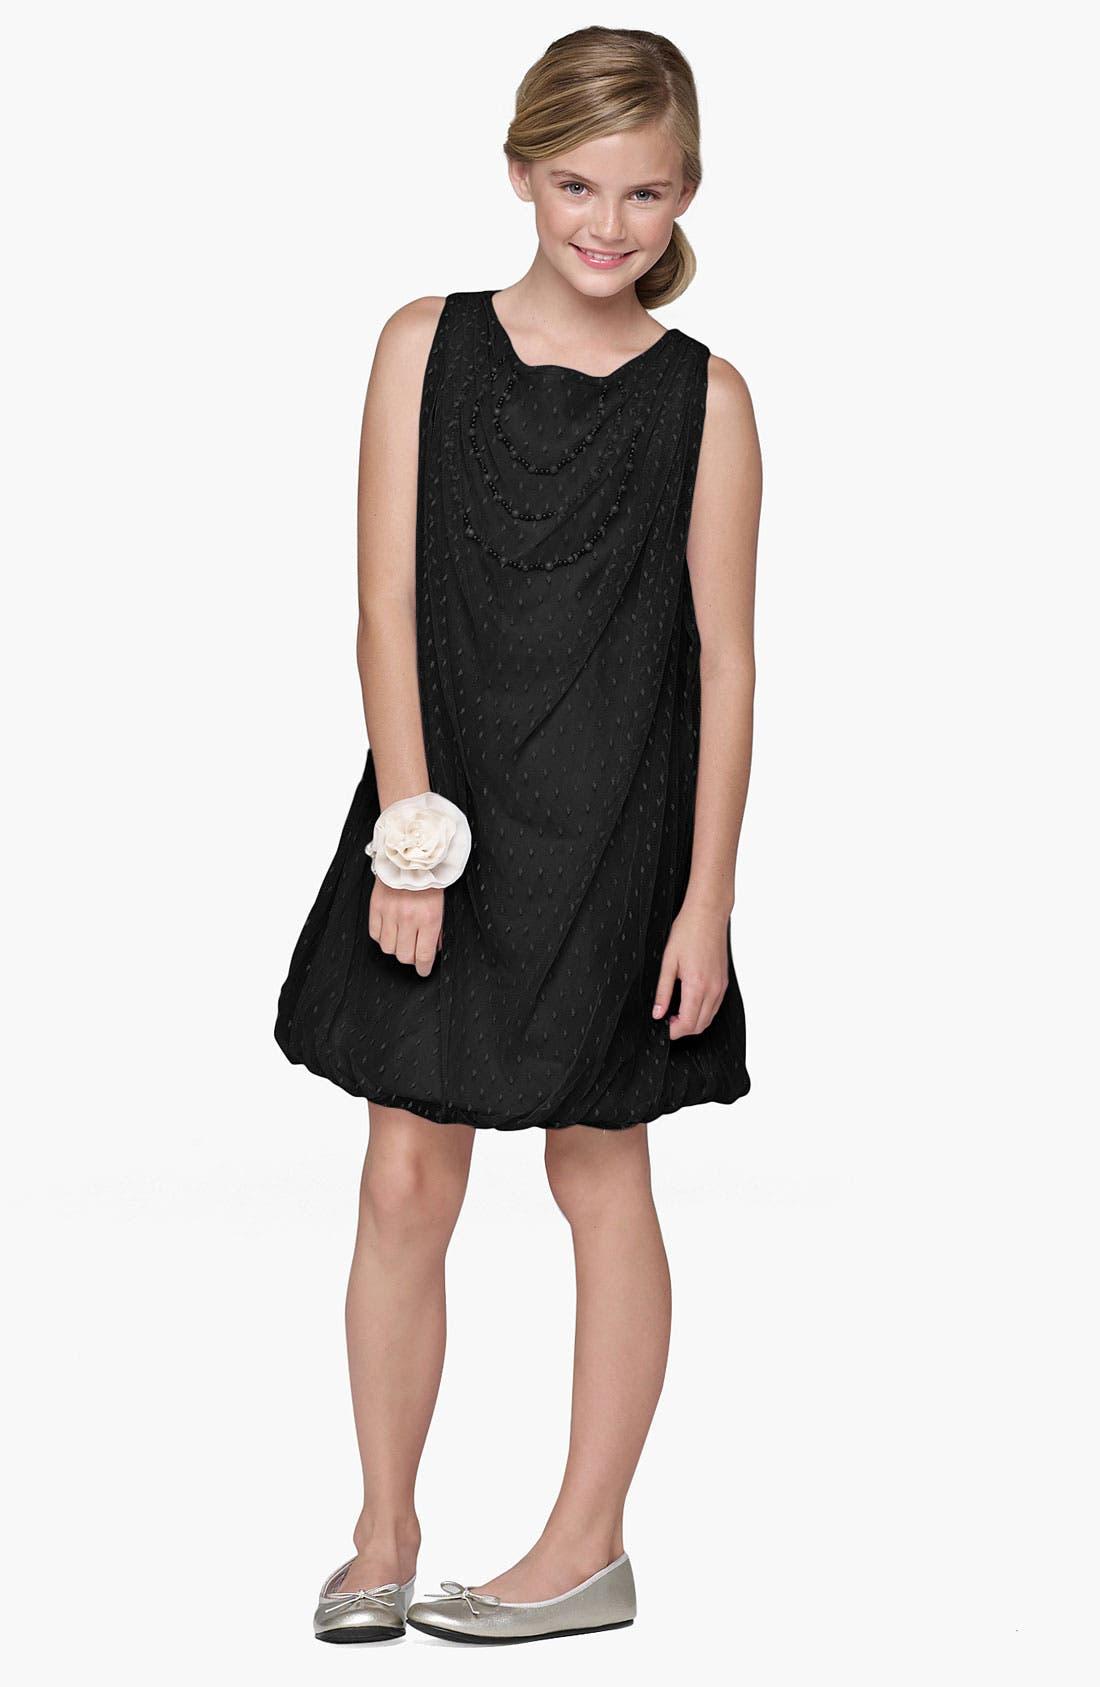 Main Image - BLUSH by Us Angels Bubble Dress (Big Girls)